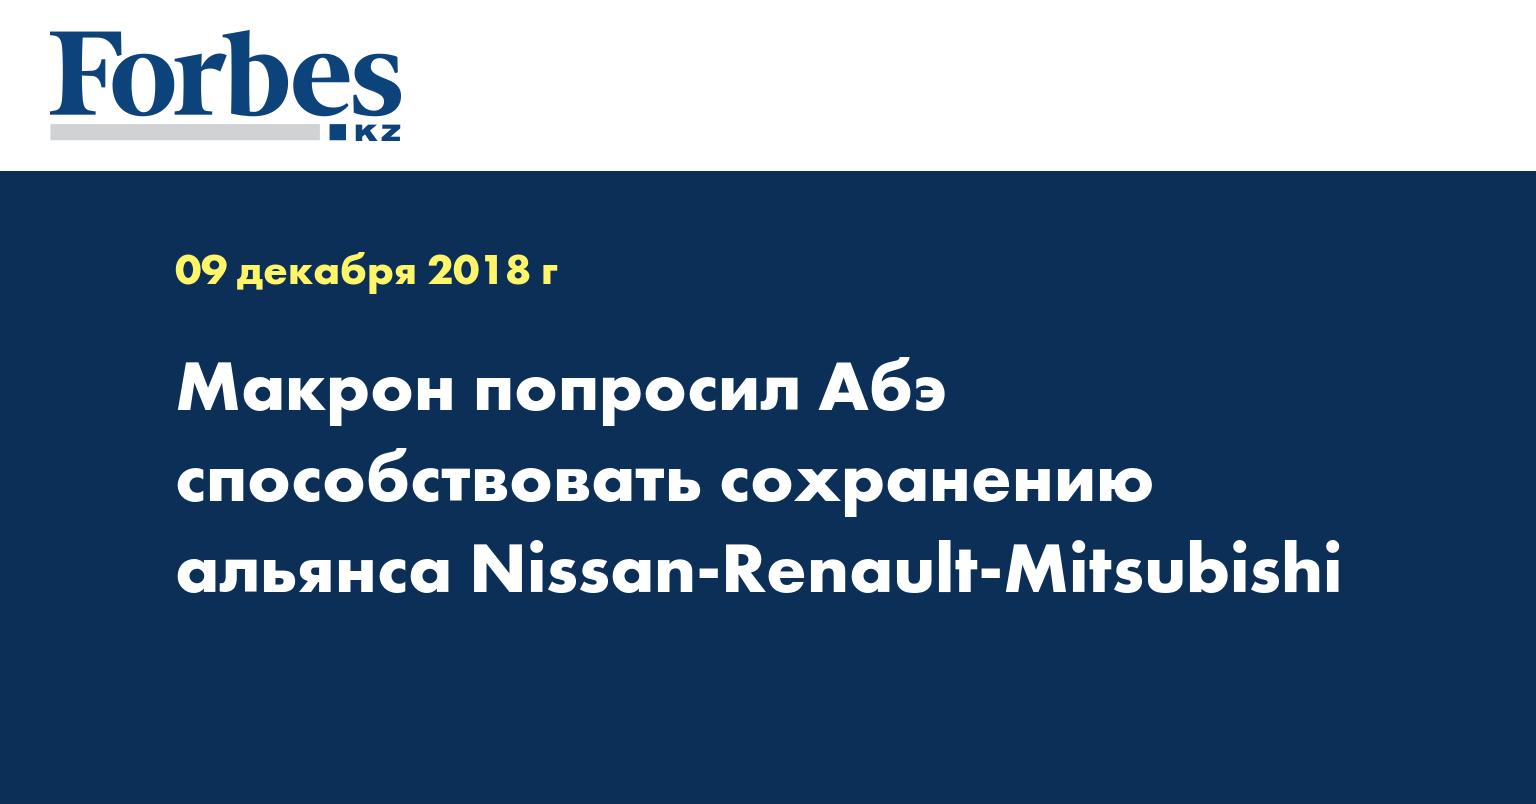 Макрон попросил Абэ способствовать сохранению альянса Nissan-Renault-Mitsubishi